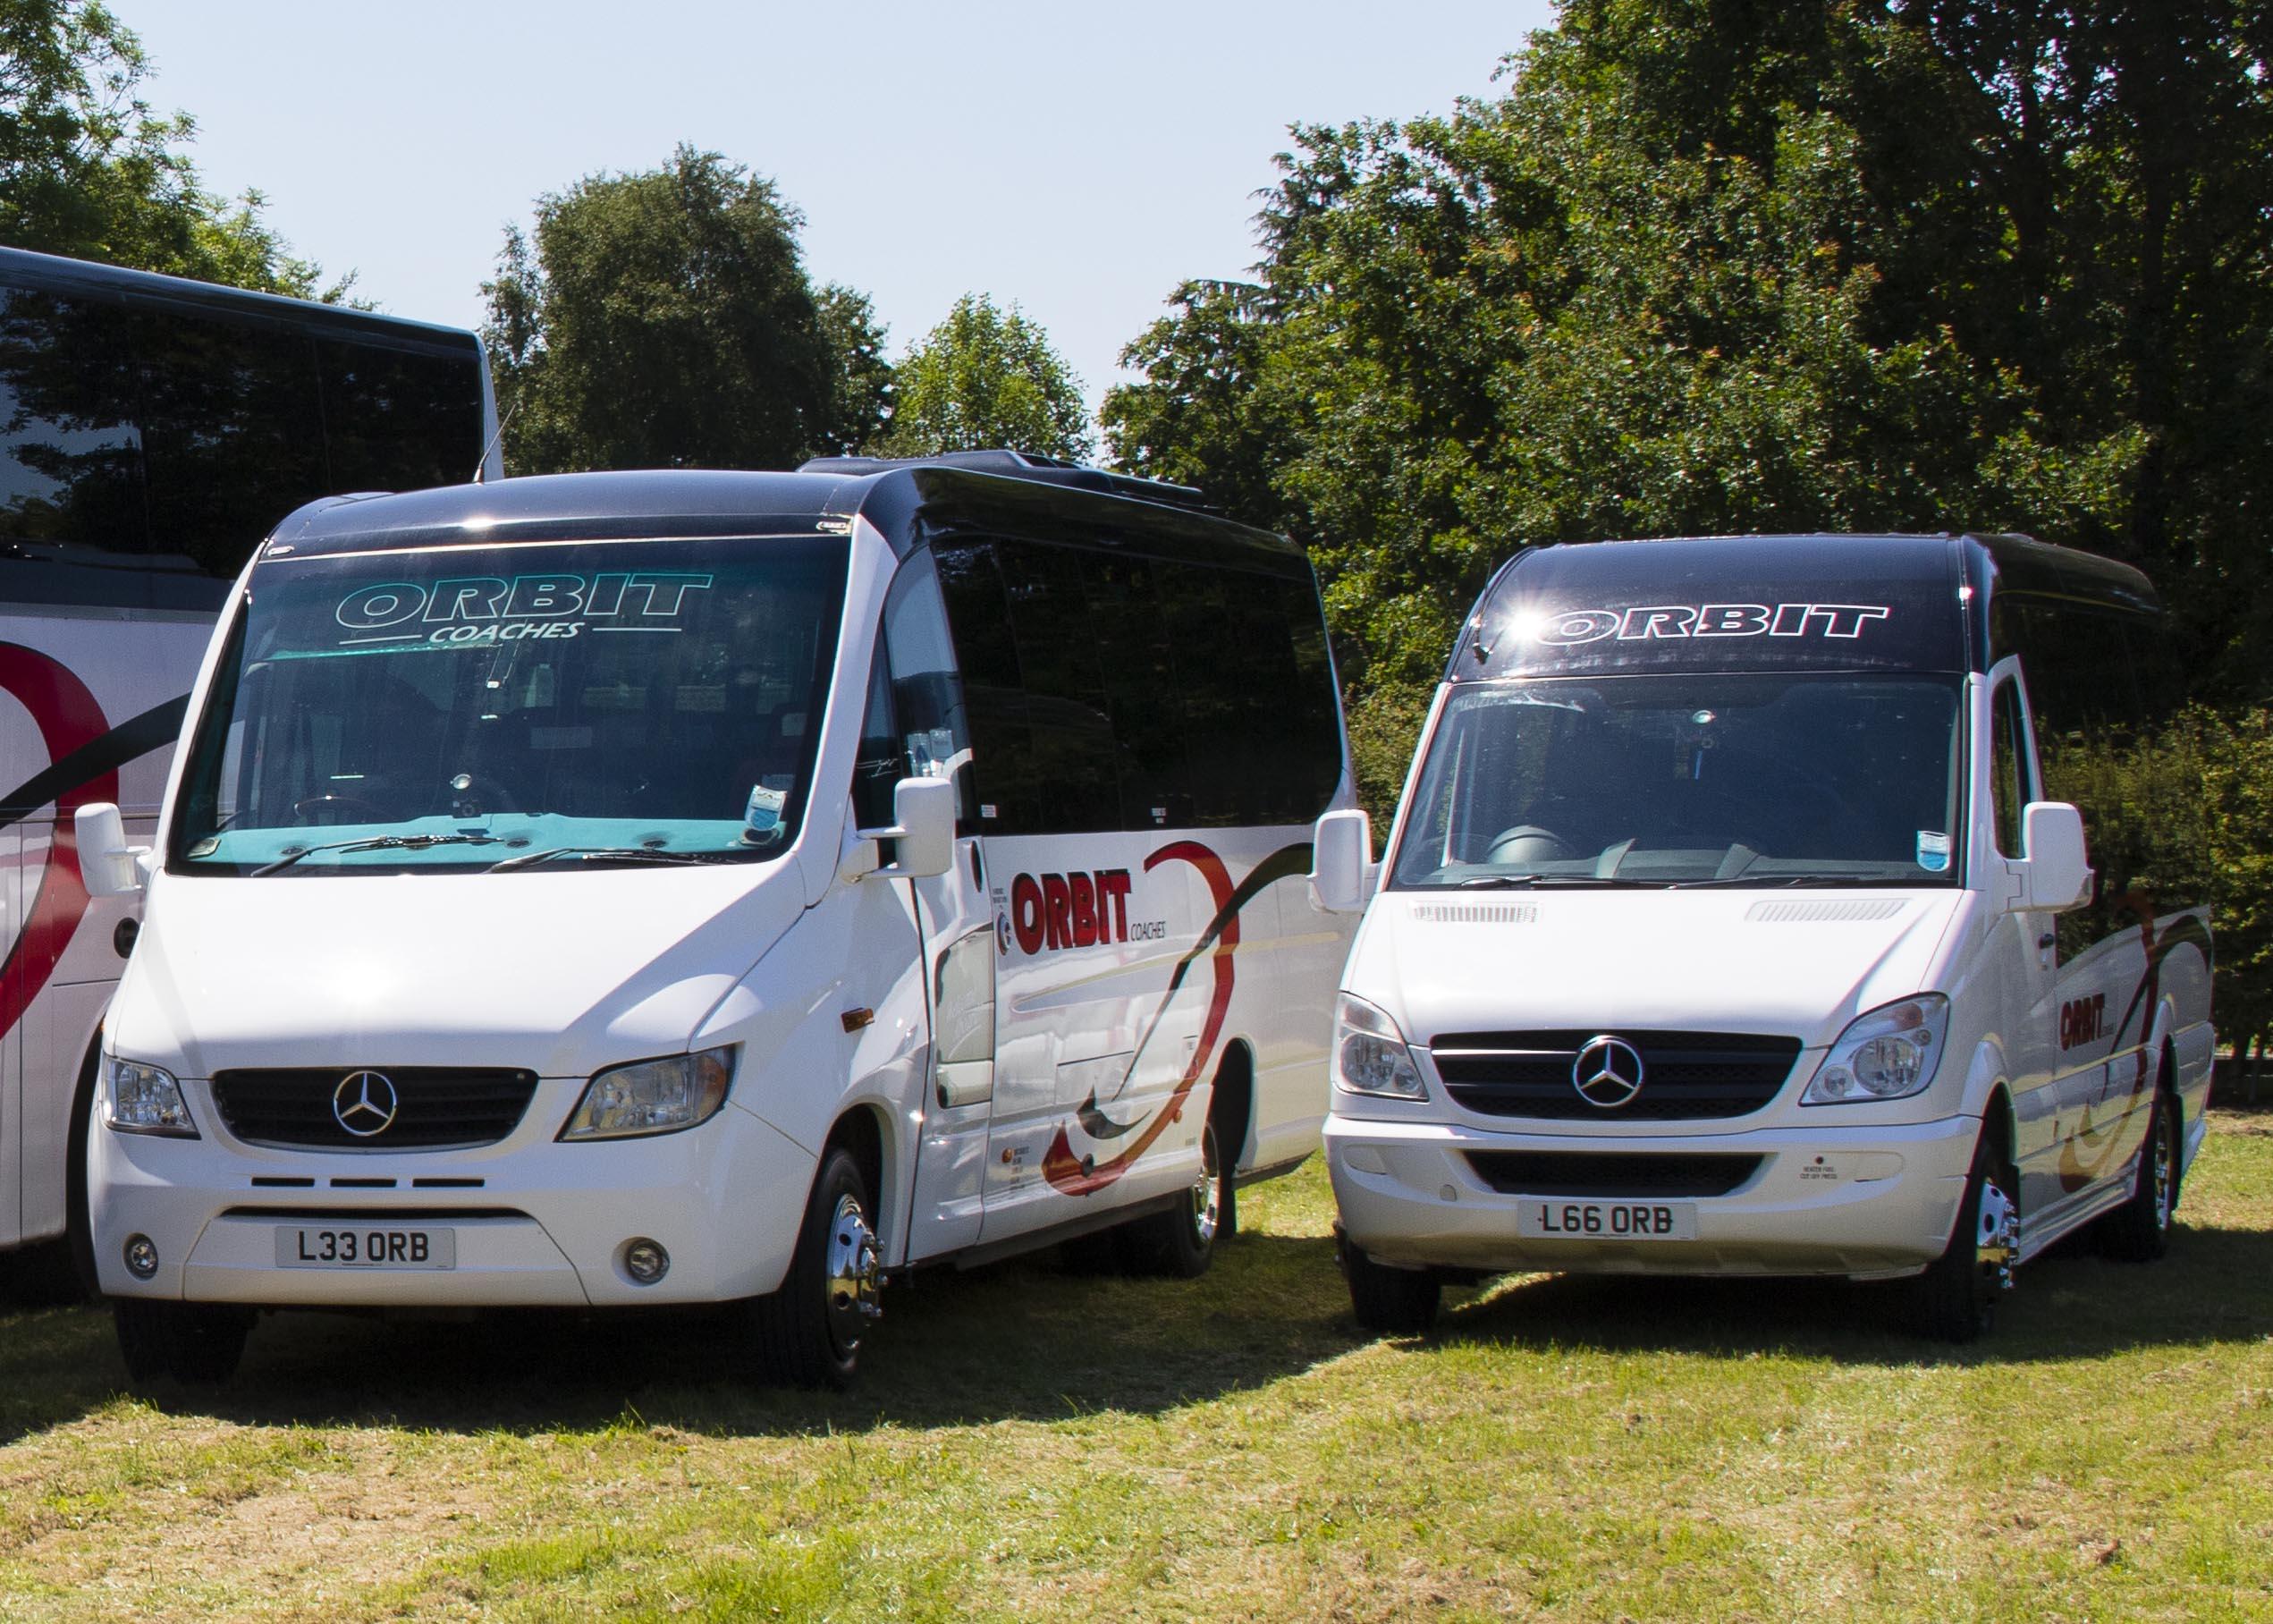 Orbit Coaches Minibus Hire